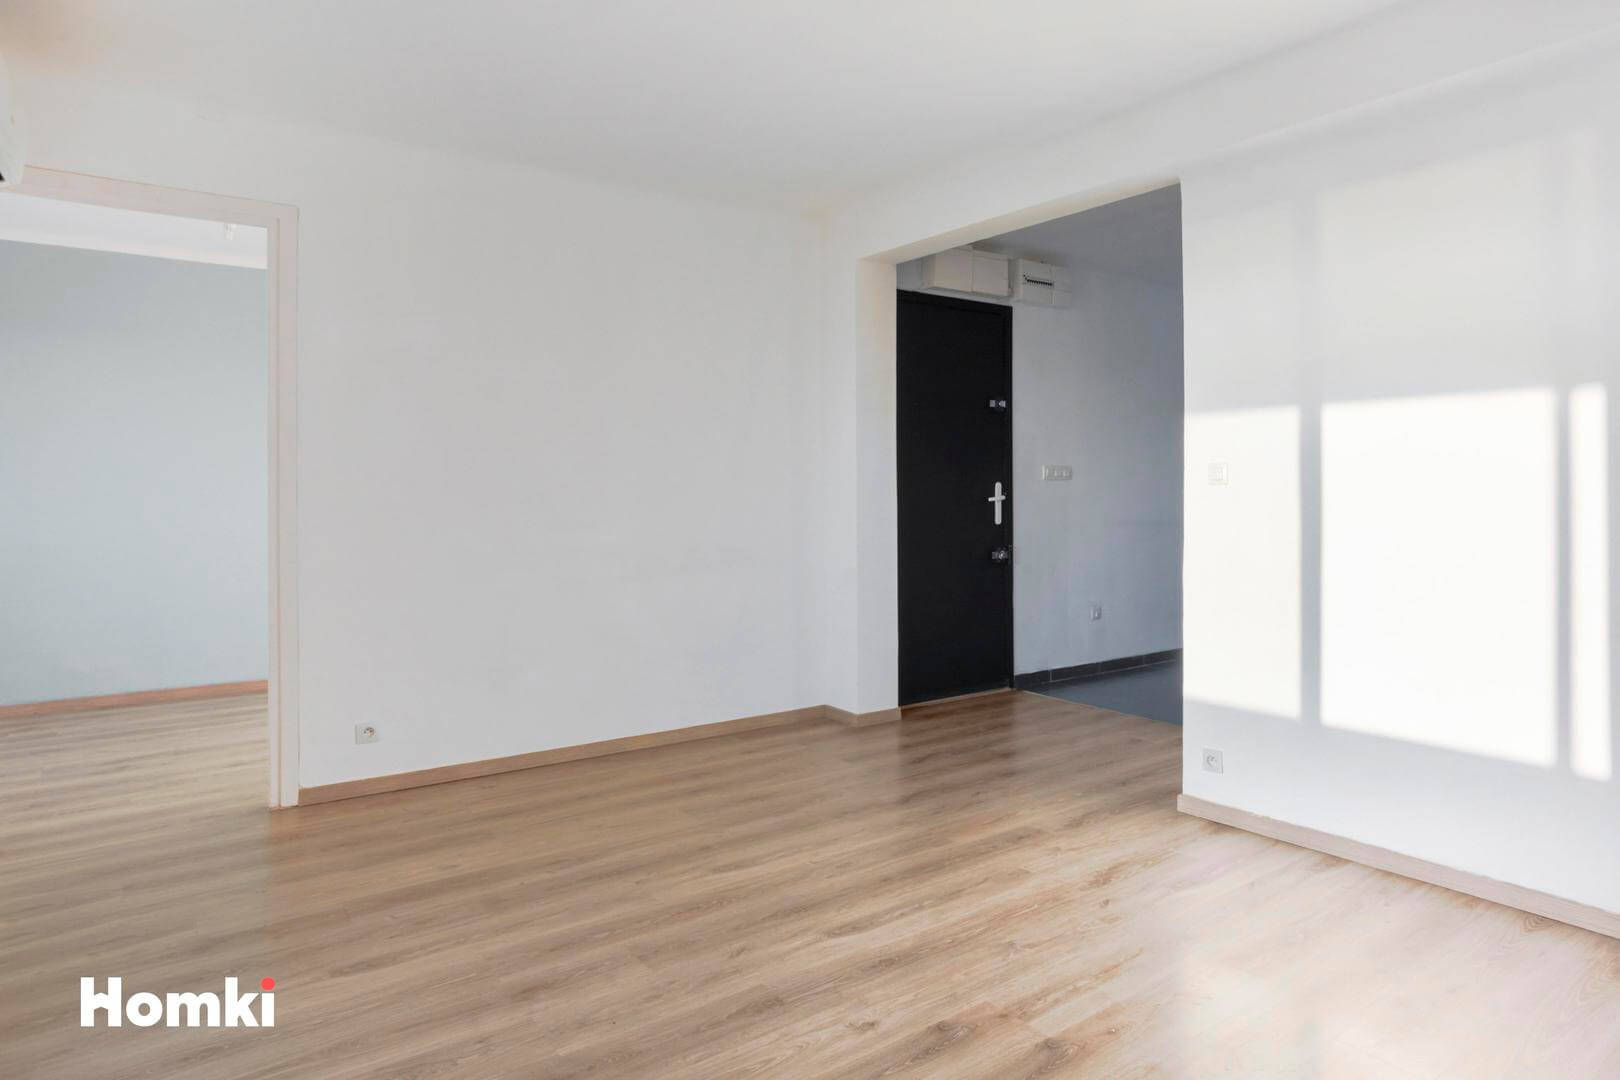 Homki - Vente Appartement  de 66.0 m² à Rognac 13340